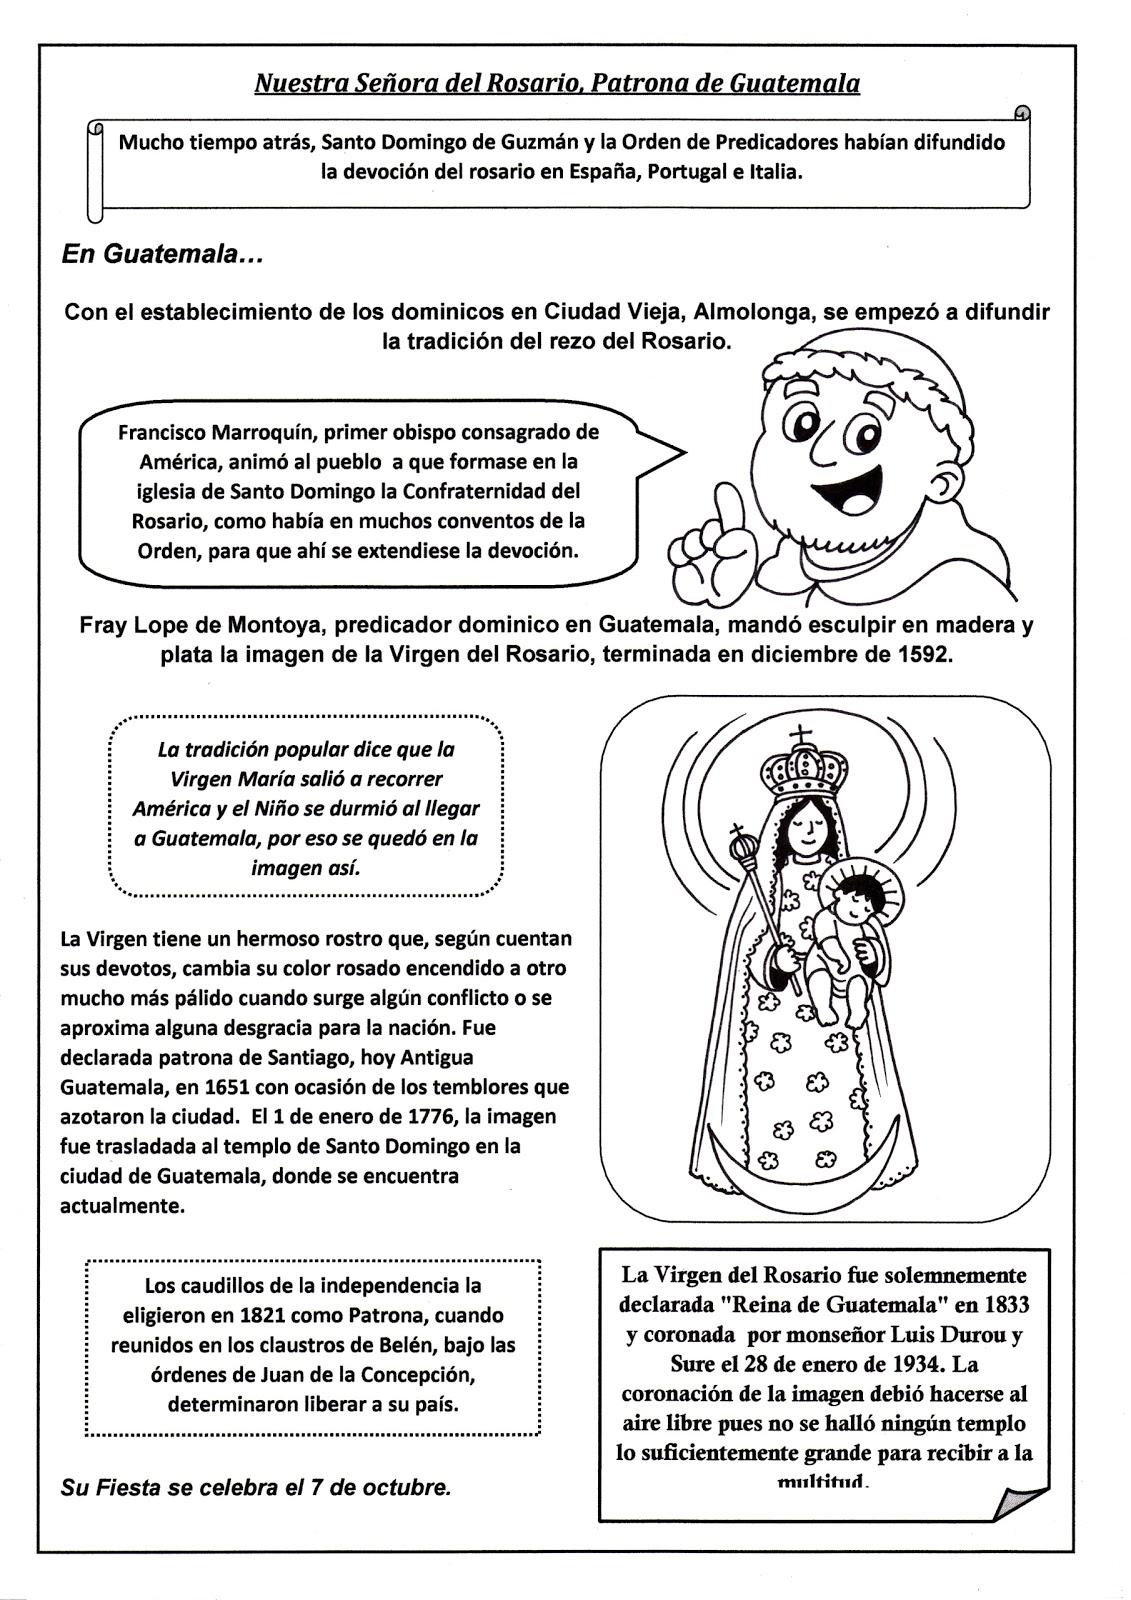 Blog del profesorado de religin catlica recursos sobre la virgen otra idea para presentar la corona de los siete dolores de mara virgen del rosario de san nicols thecheapjerseys Choice Image